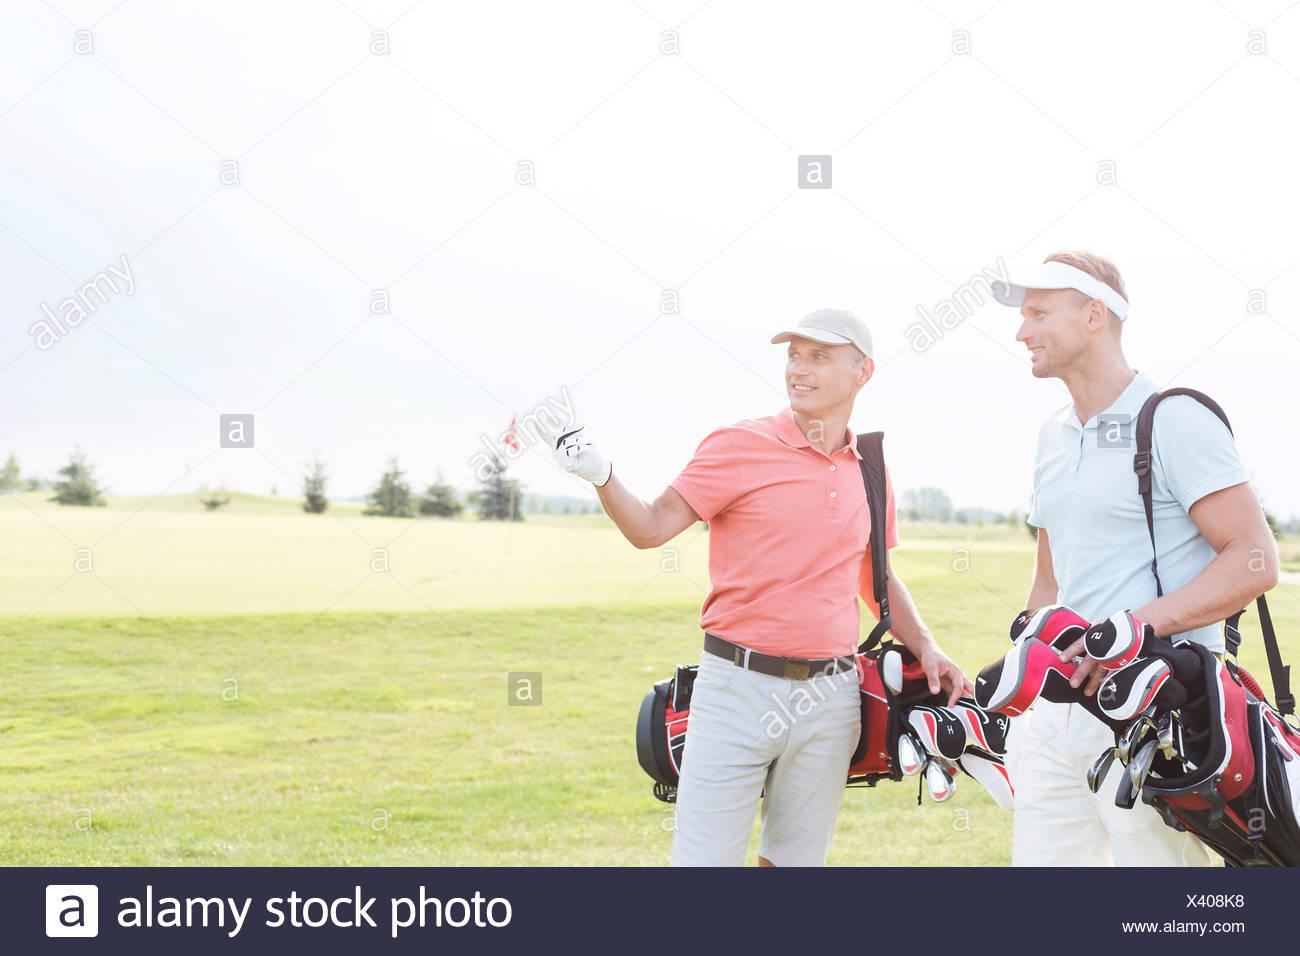 Homme montrant quelque chose à un ami au golf contre ciel clair Photo Stock